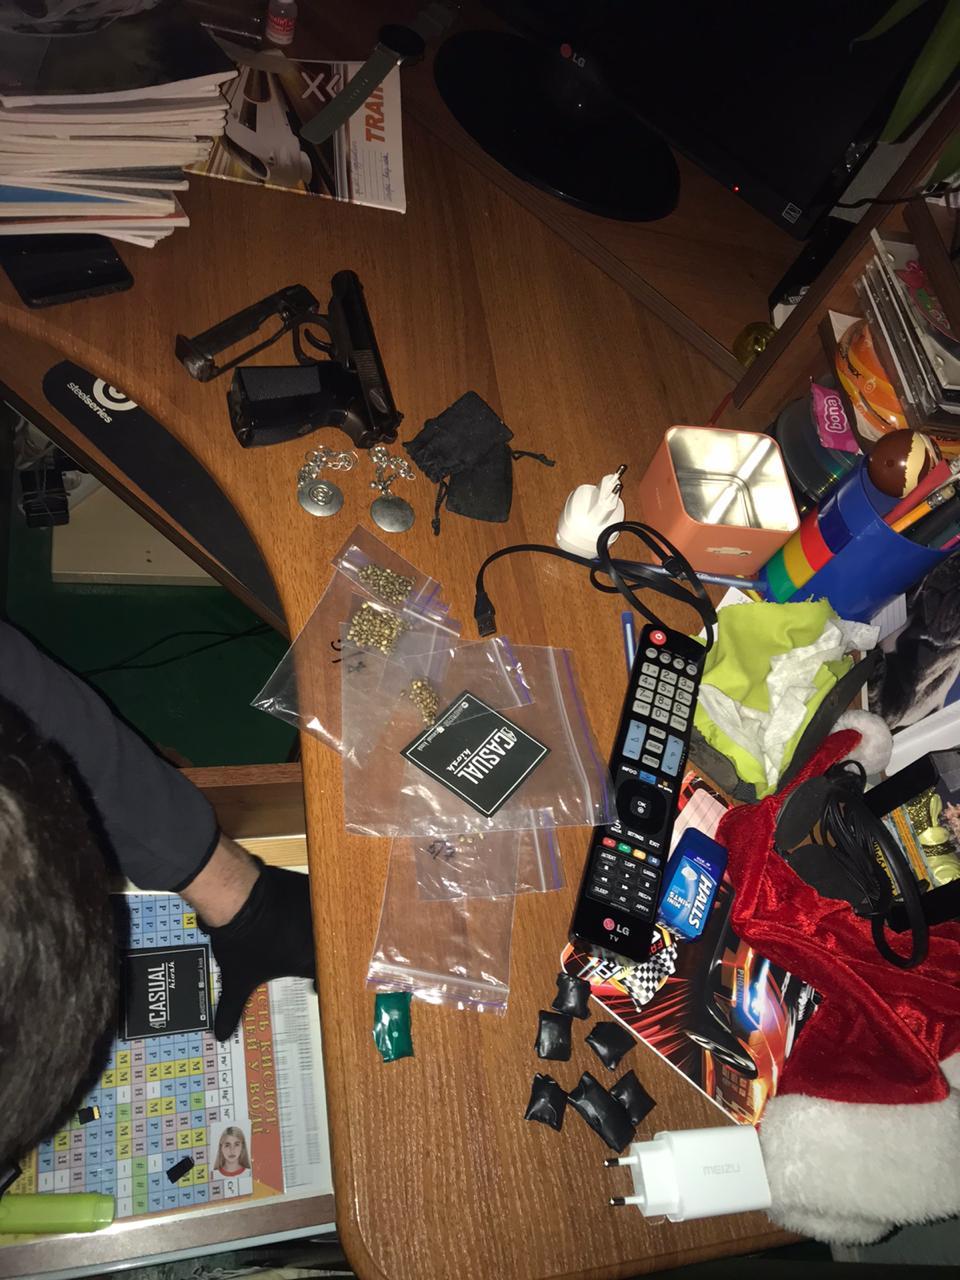 У Білій Церкві затримали групу наркозбувачів, які продавали наркотики через Telegram - прокуратура Київської області, наркотики - 41272